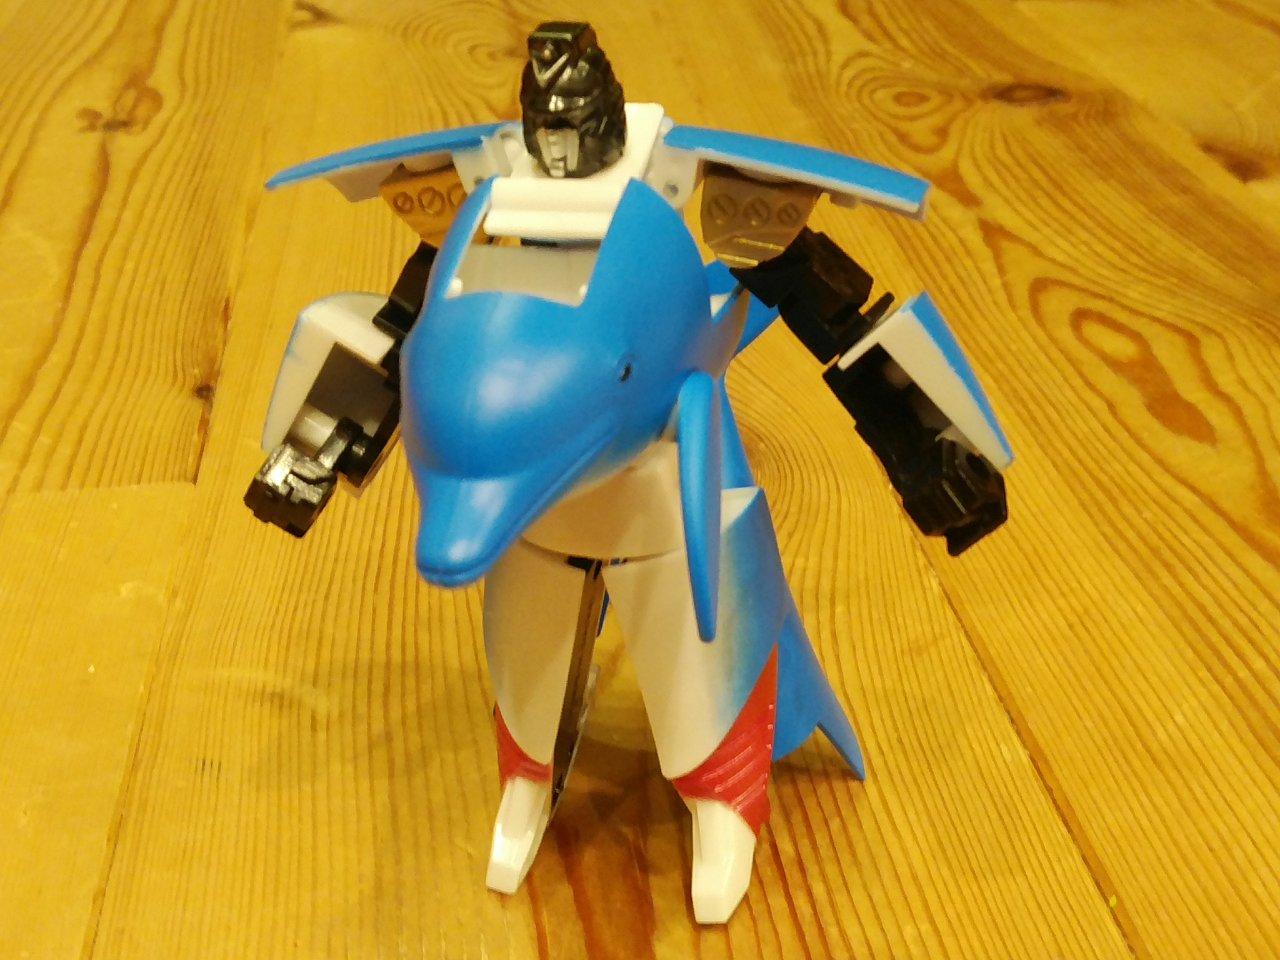 変身ロボットに「イルカ」!?教育にも良さそうなシーバトロンシリーズが秀逸だった件